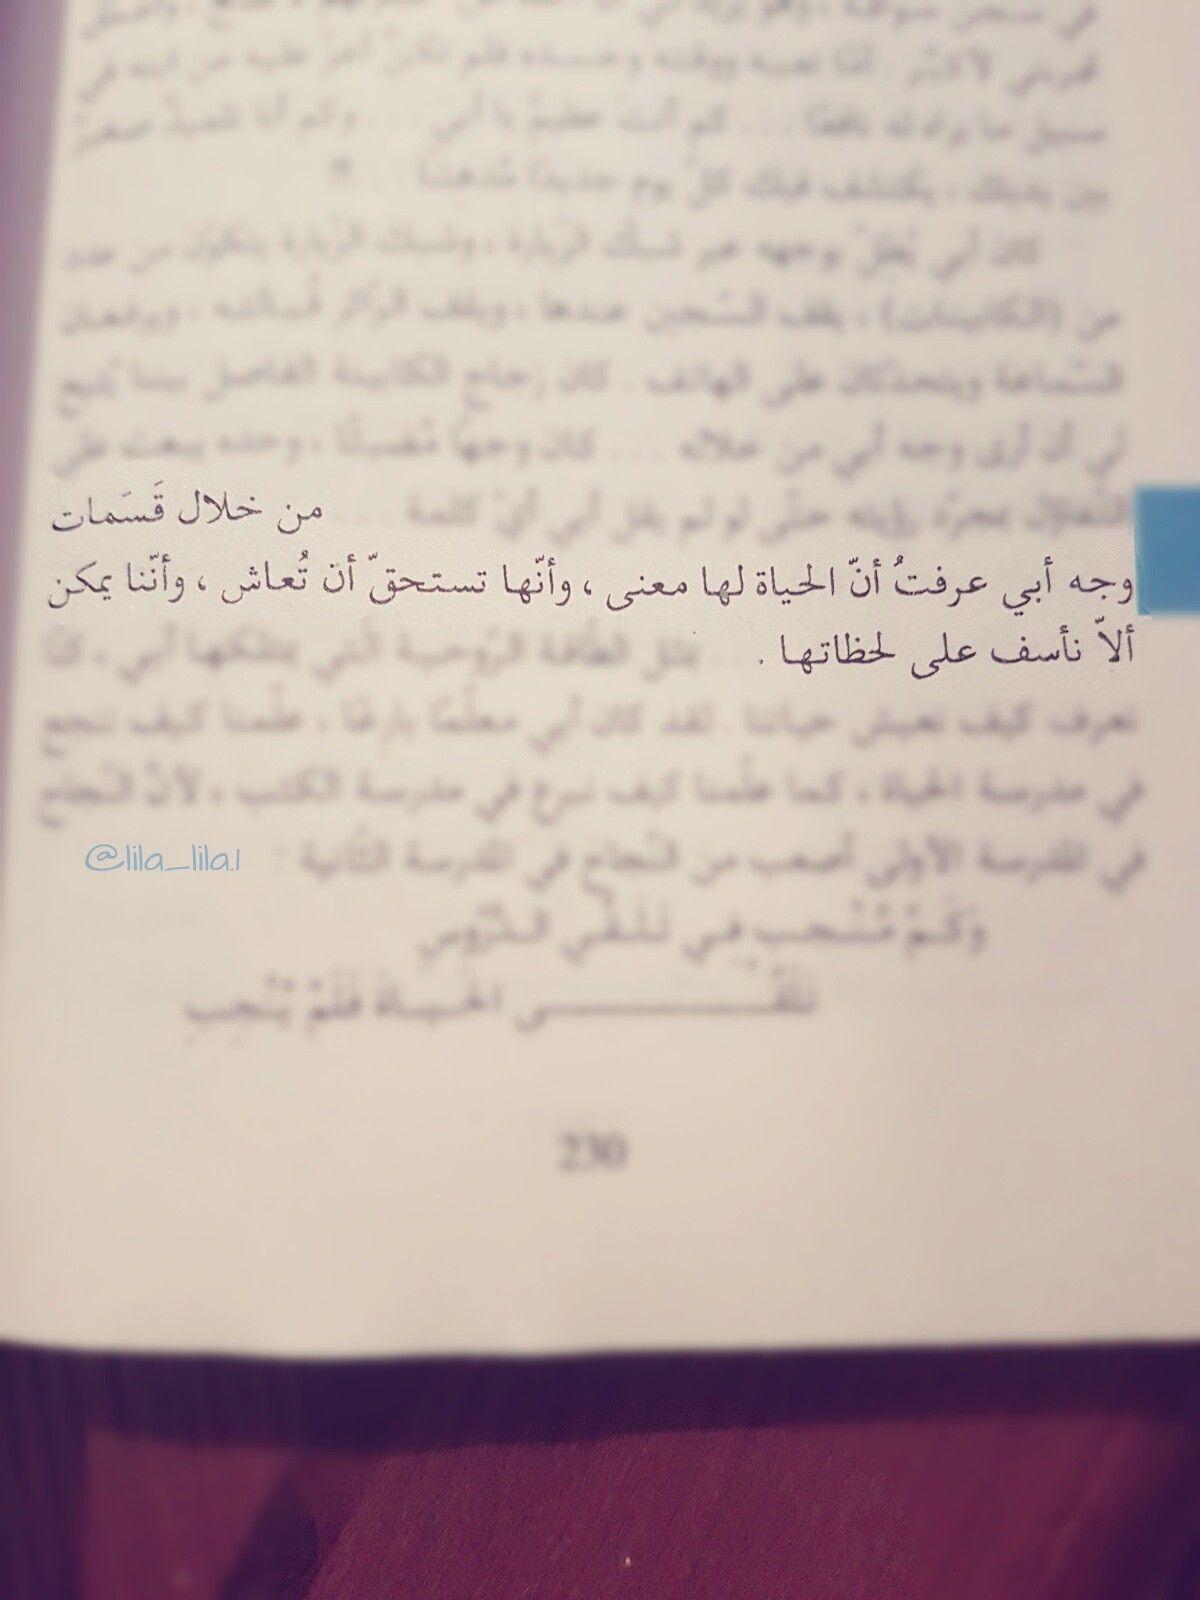 أيمن العتوم ياصاحبي السجن كتب إقتباسات الأب أبي Words Arabic Quotes Quotes